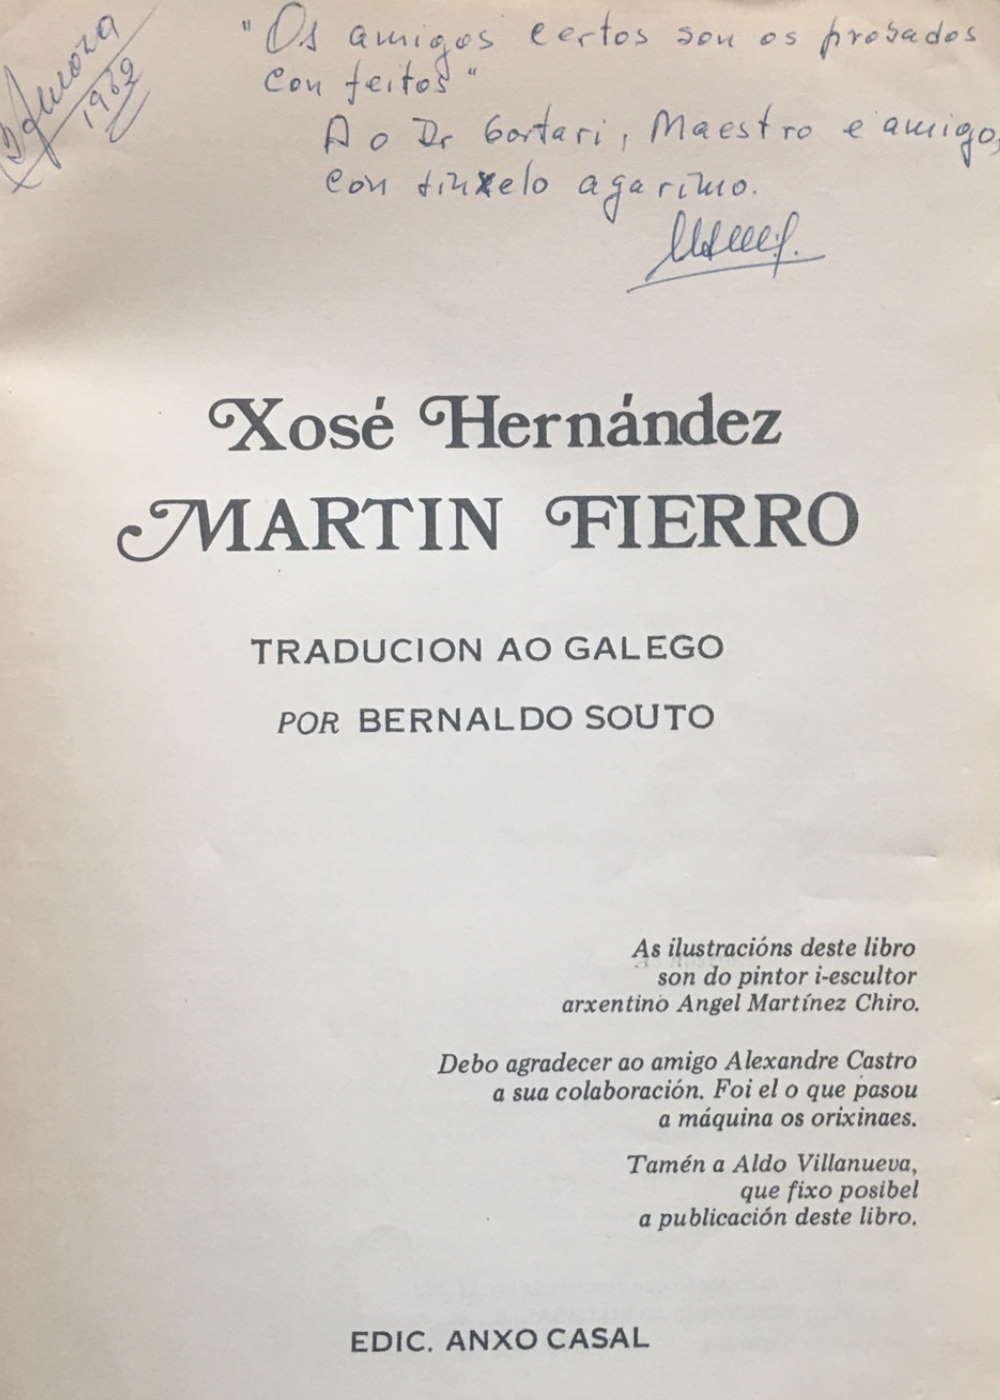 El Martín Fierro en el idioma gallego